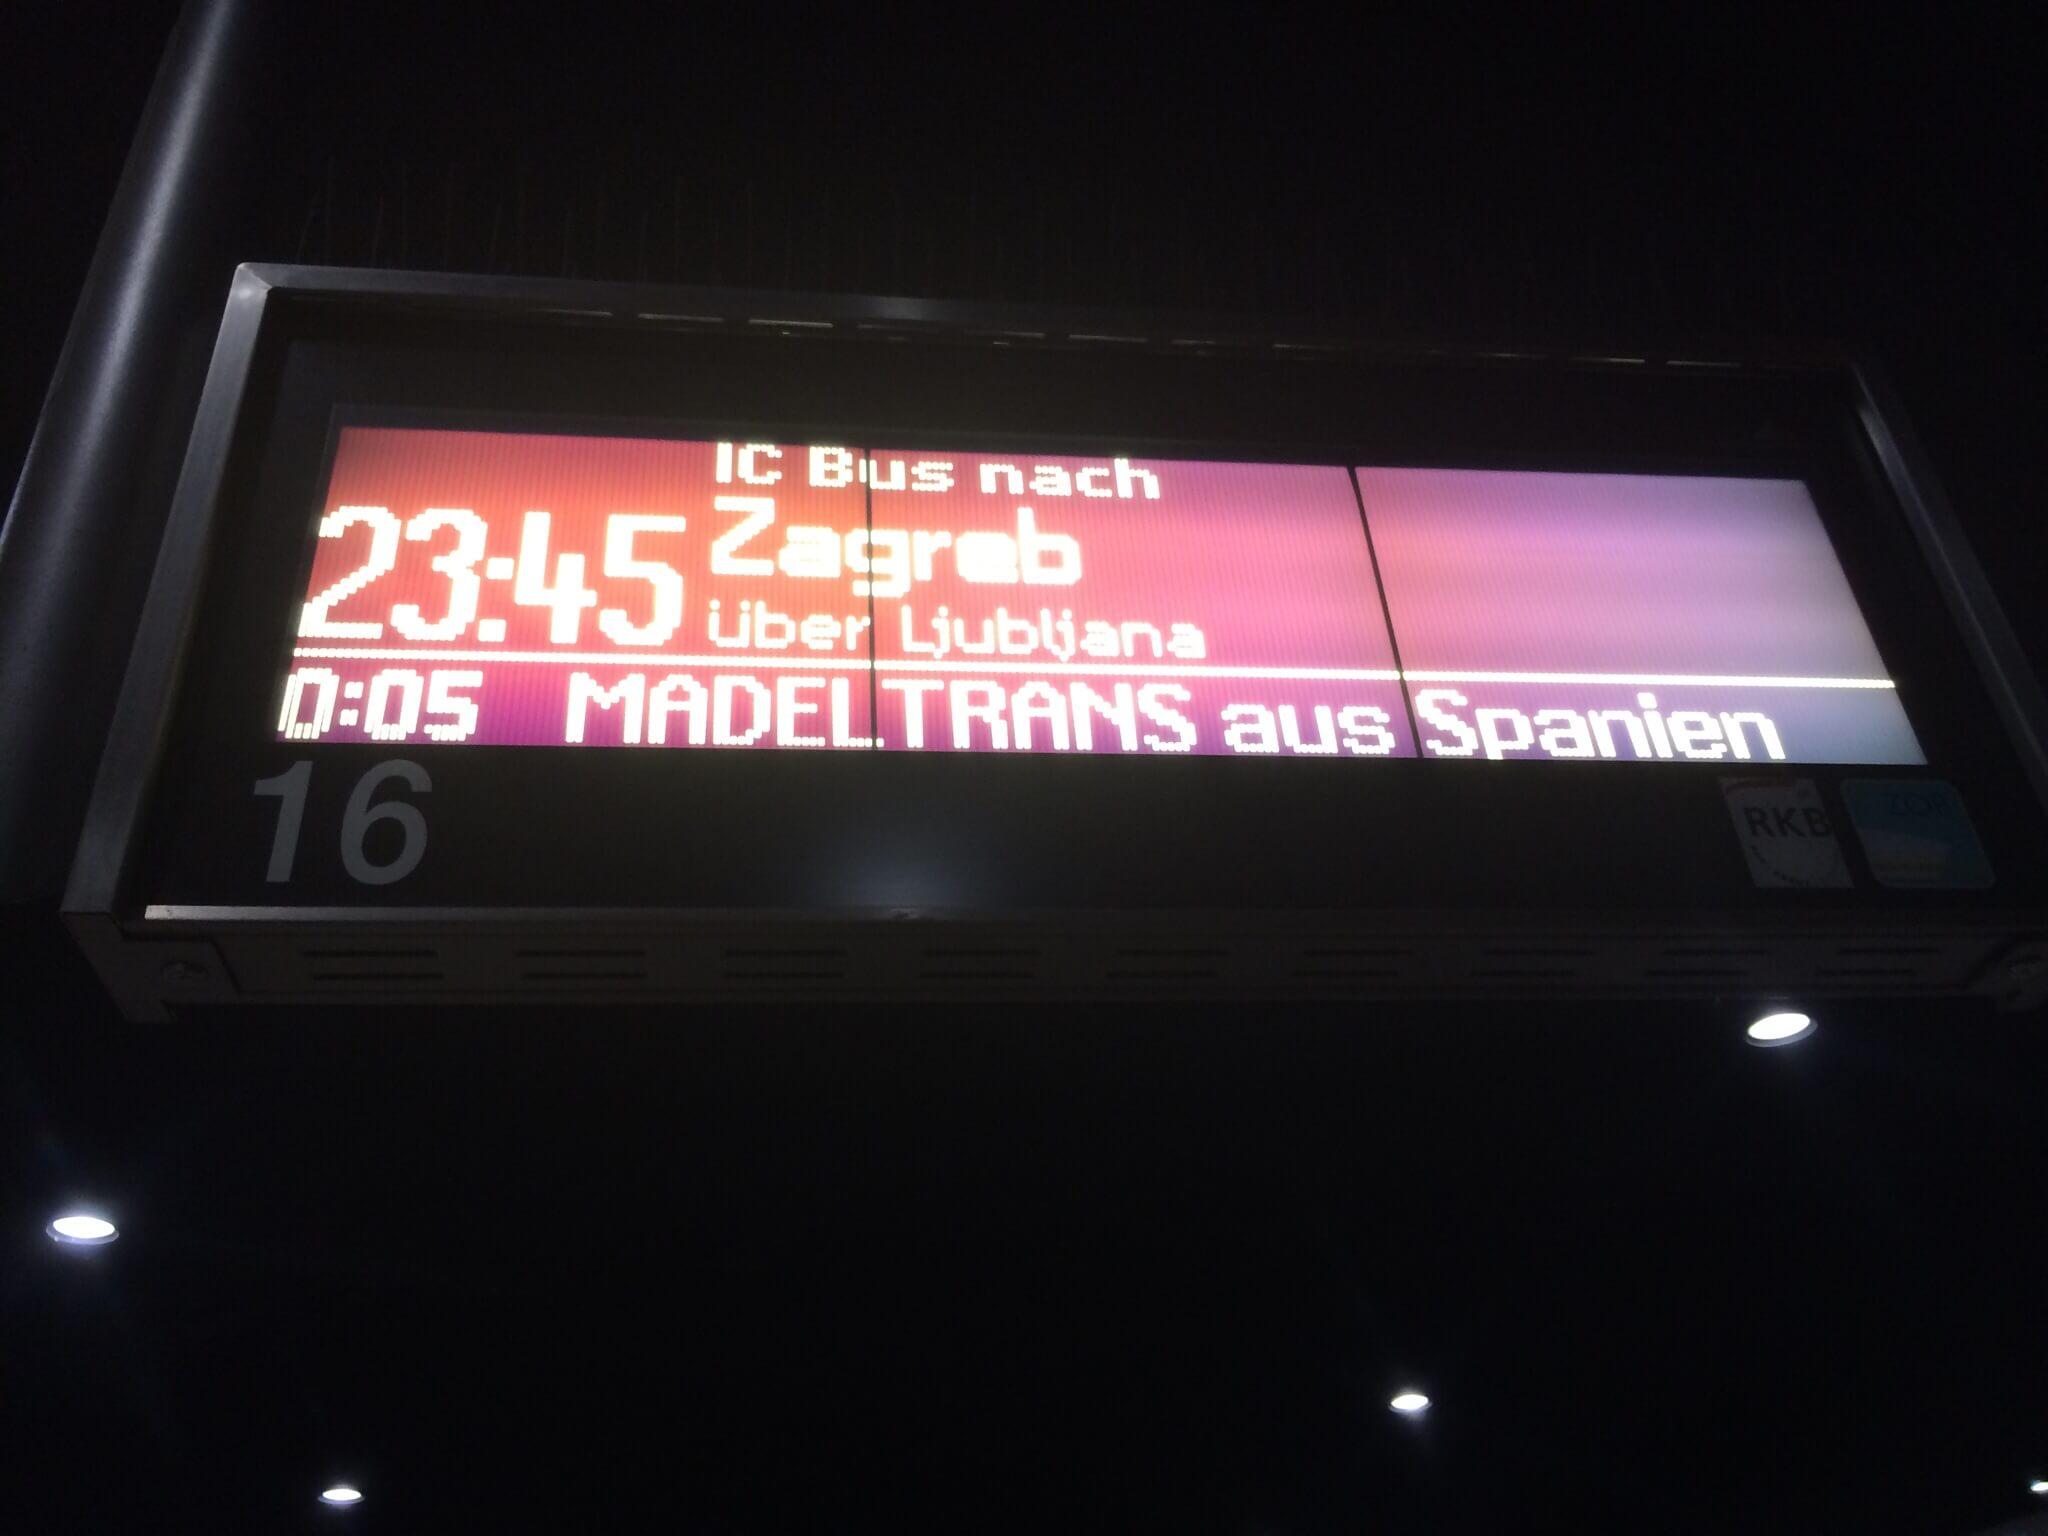 Bus to Zagreb, München